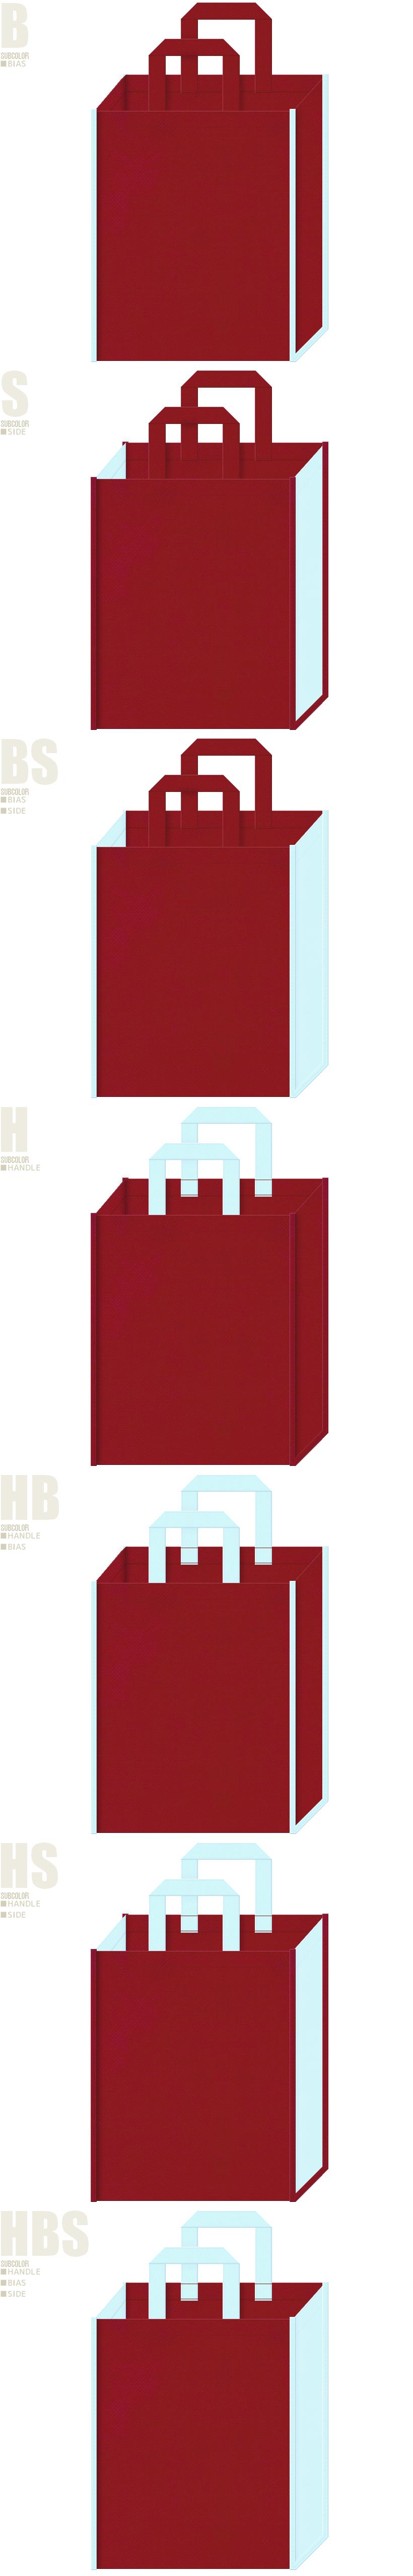 不織布バッグのデザイン:エンジ色と水色の配色7パターン